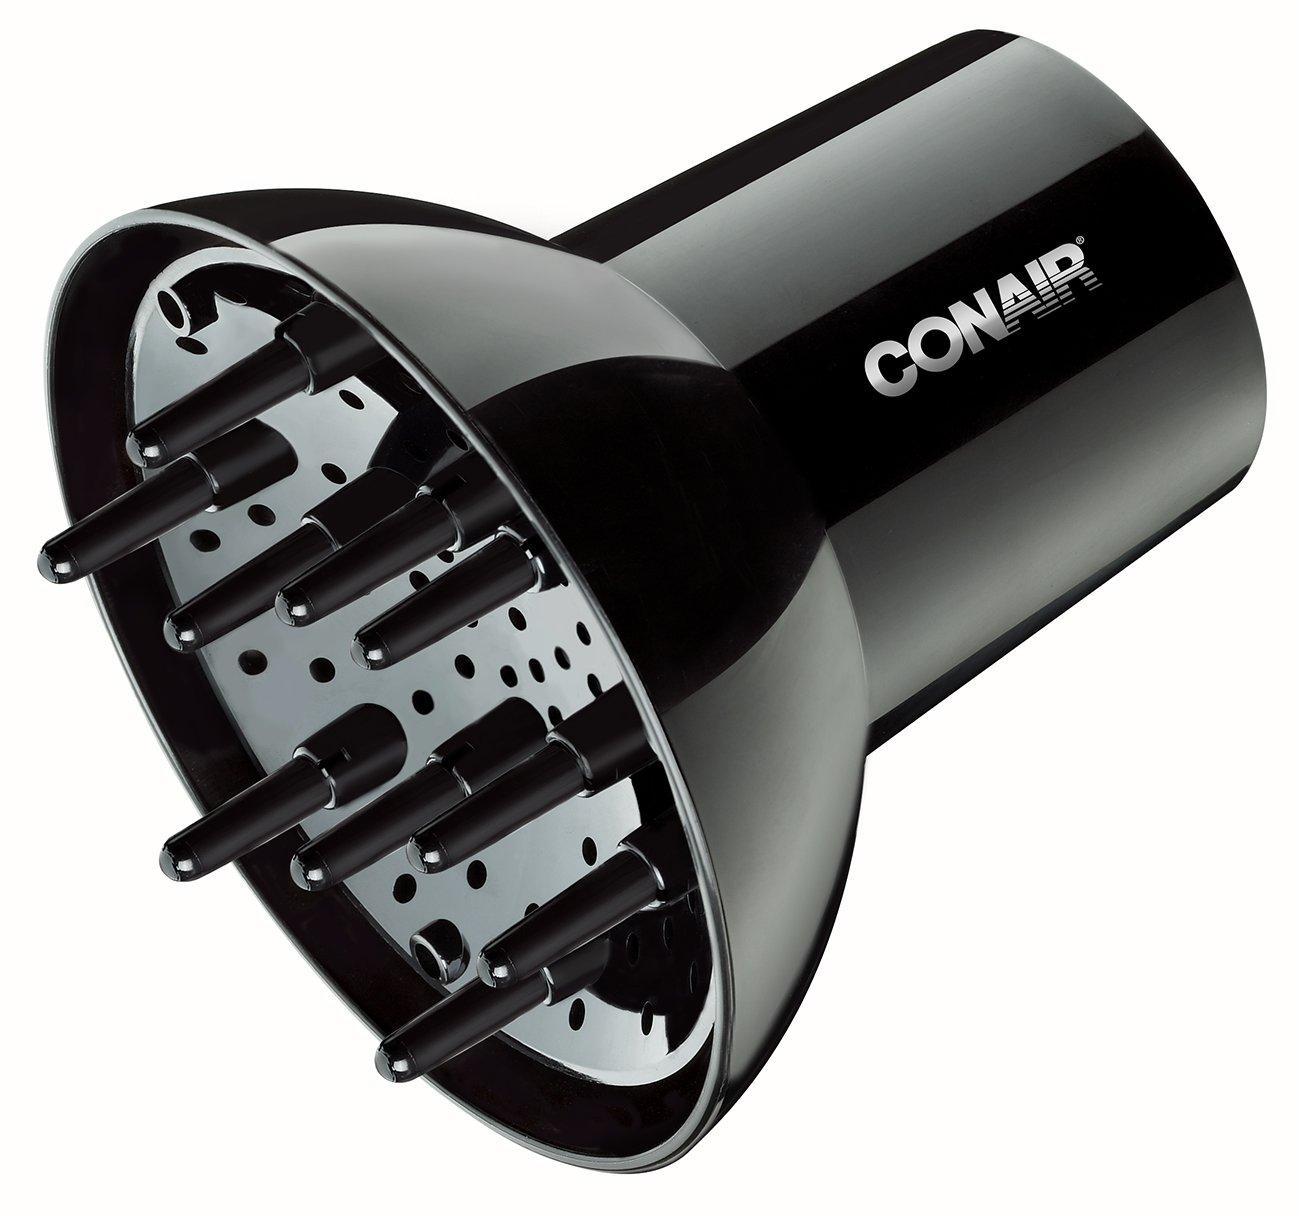 Conair Volumizing Diffuser - 71mxs19Y4AL - Conair Volumizing Diffuser